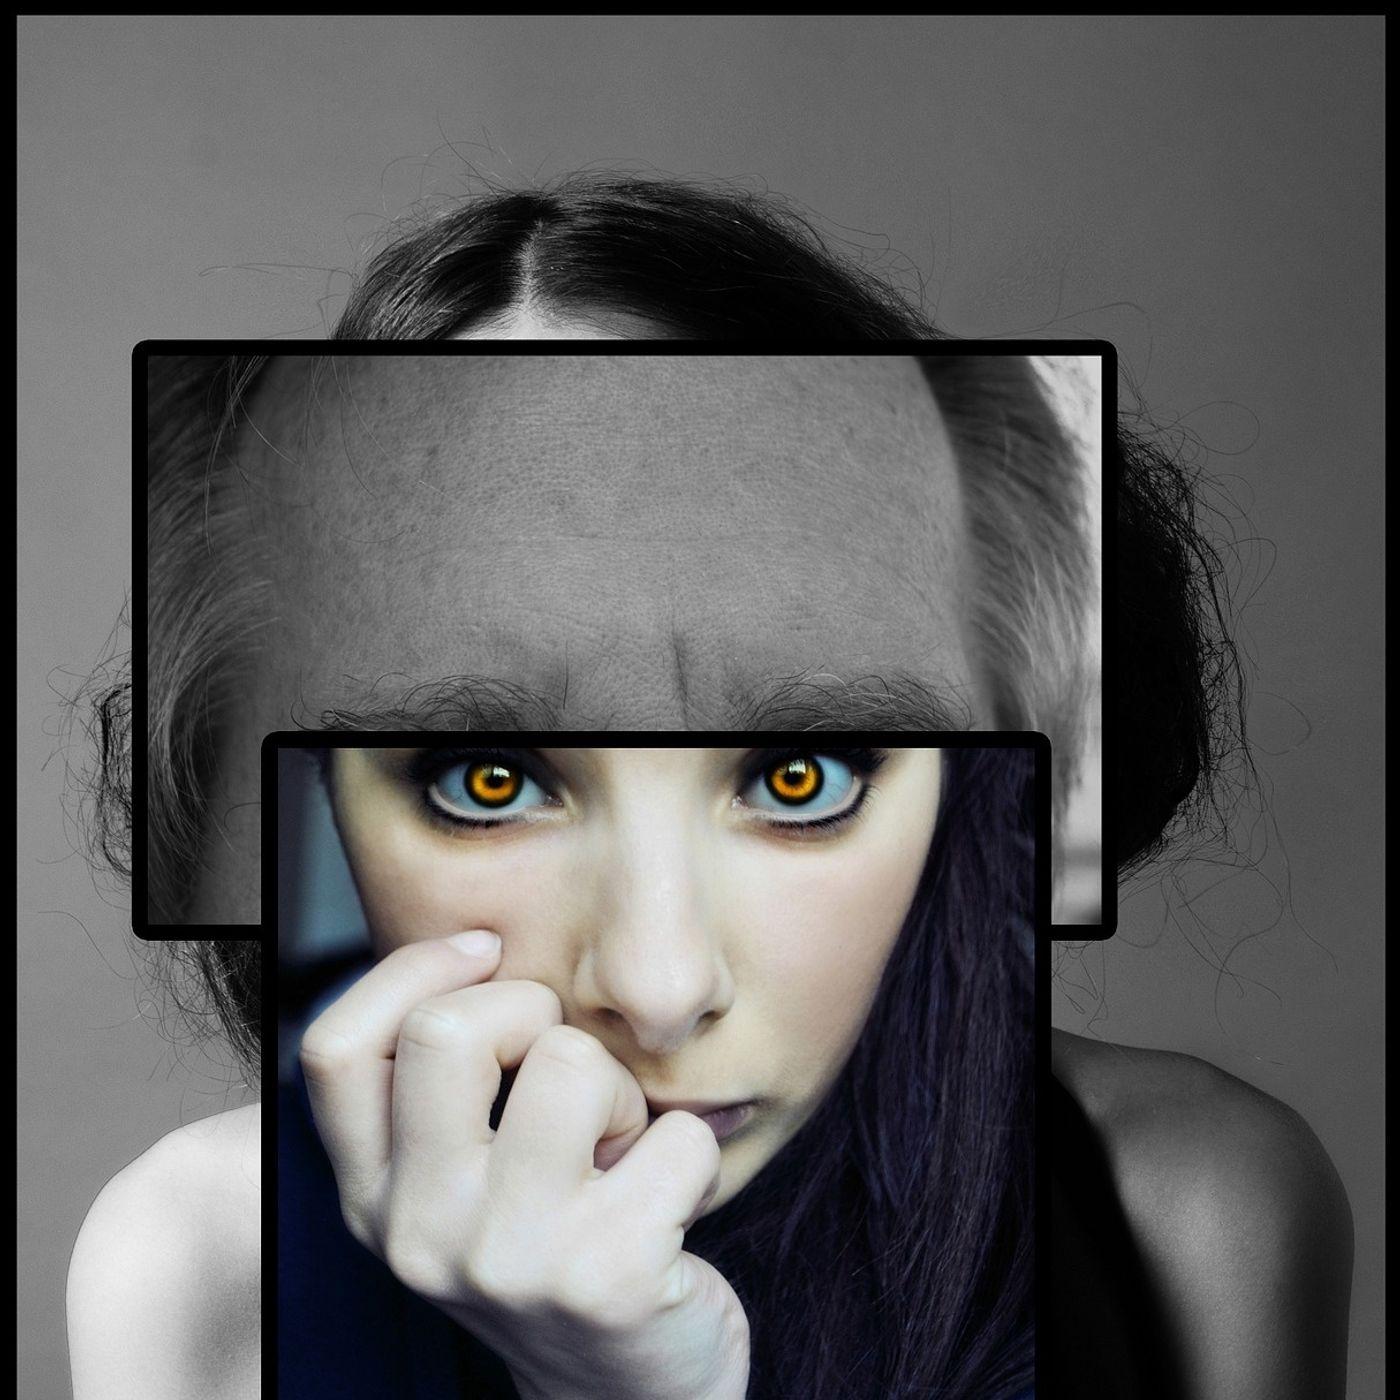 338- Da cosa è determinata la tua personalità? E' davvero possibile modificarla?